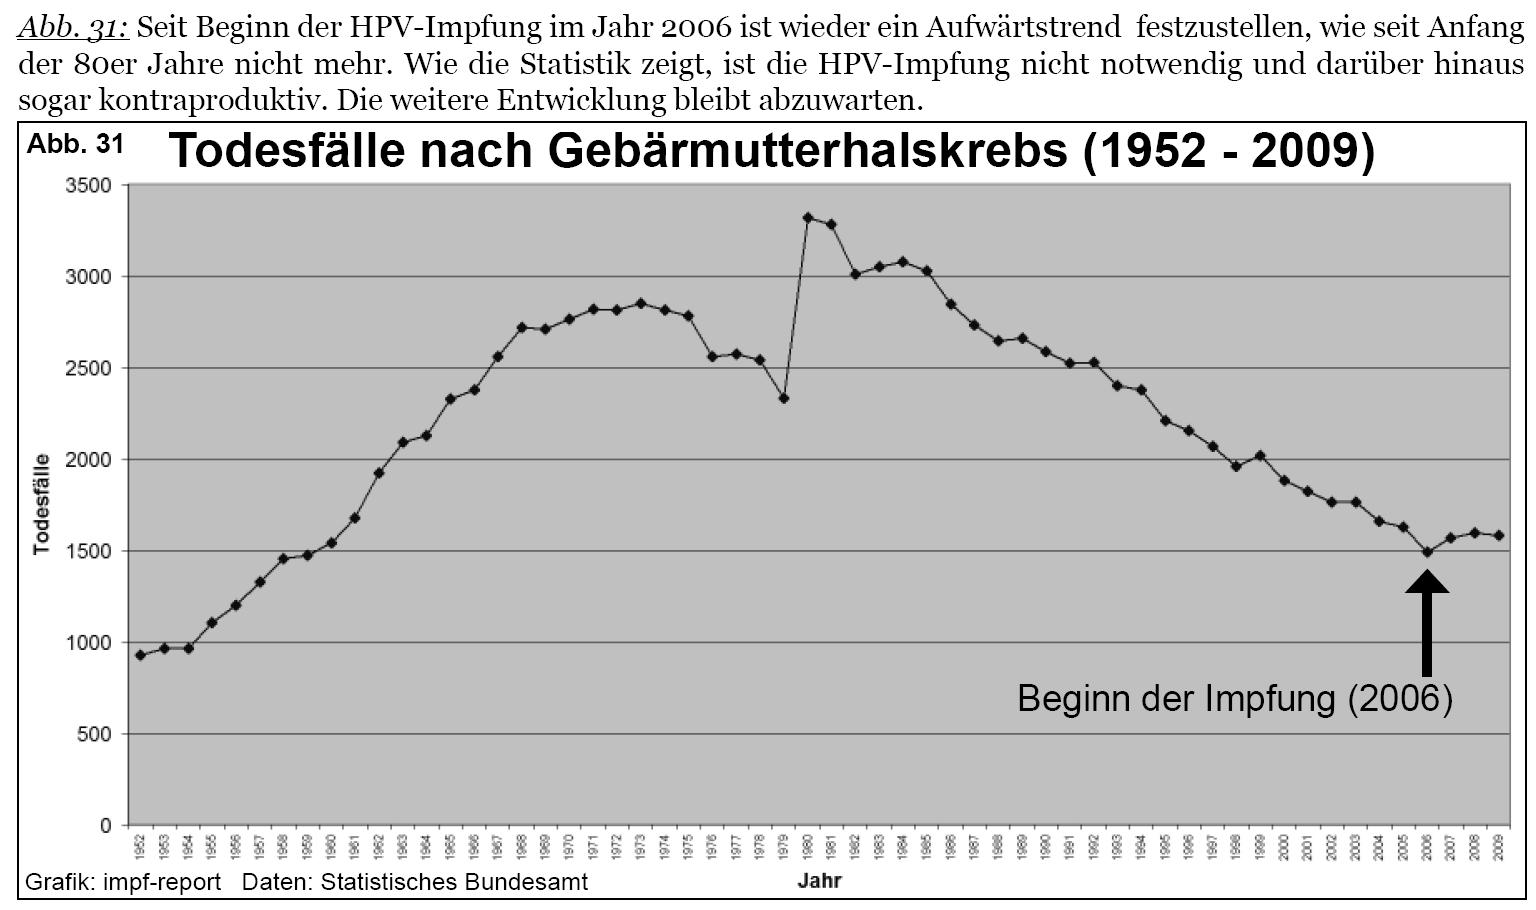 Hpv impfung risiken. Hpv impfung fur jungen risiken. IATE_DE_RO